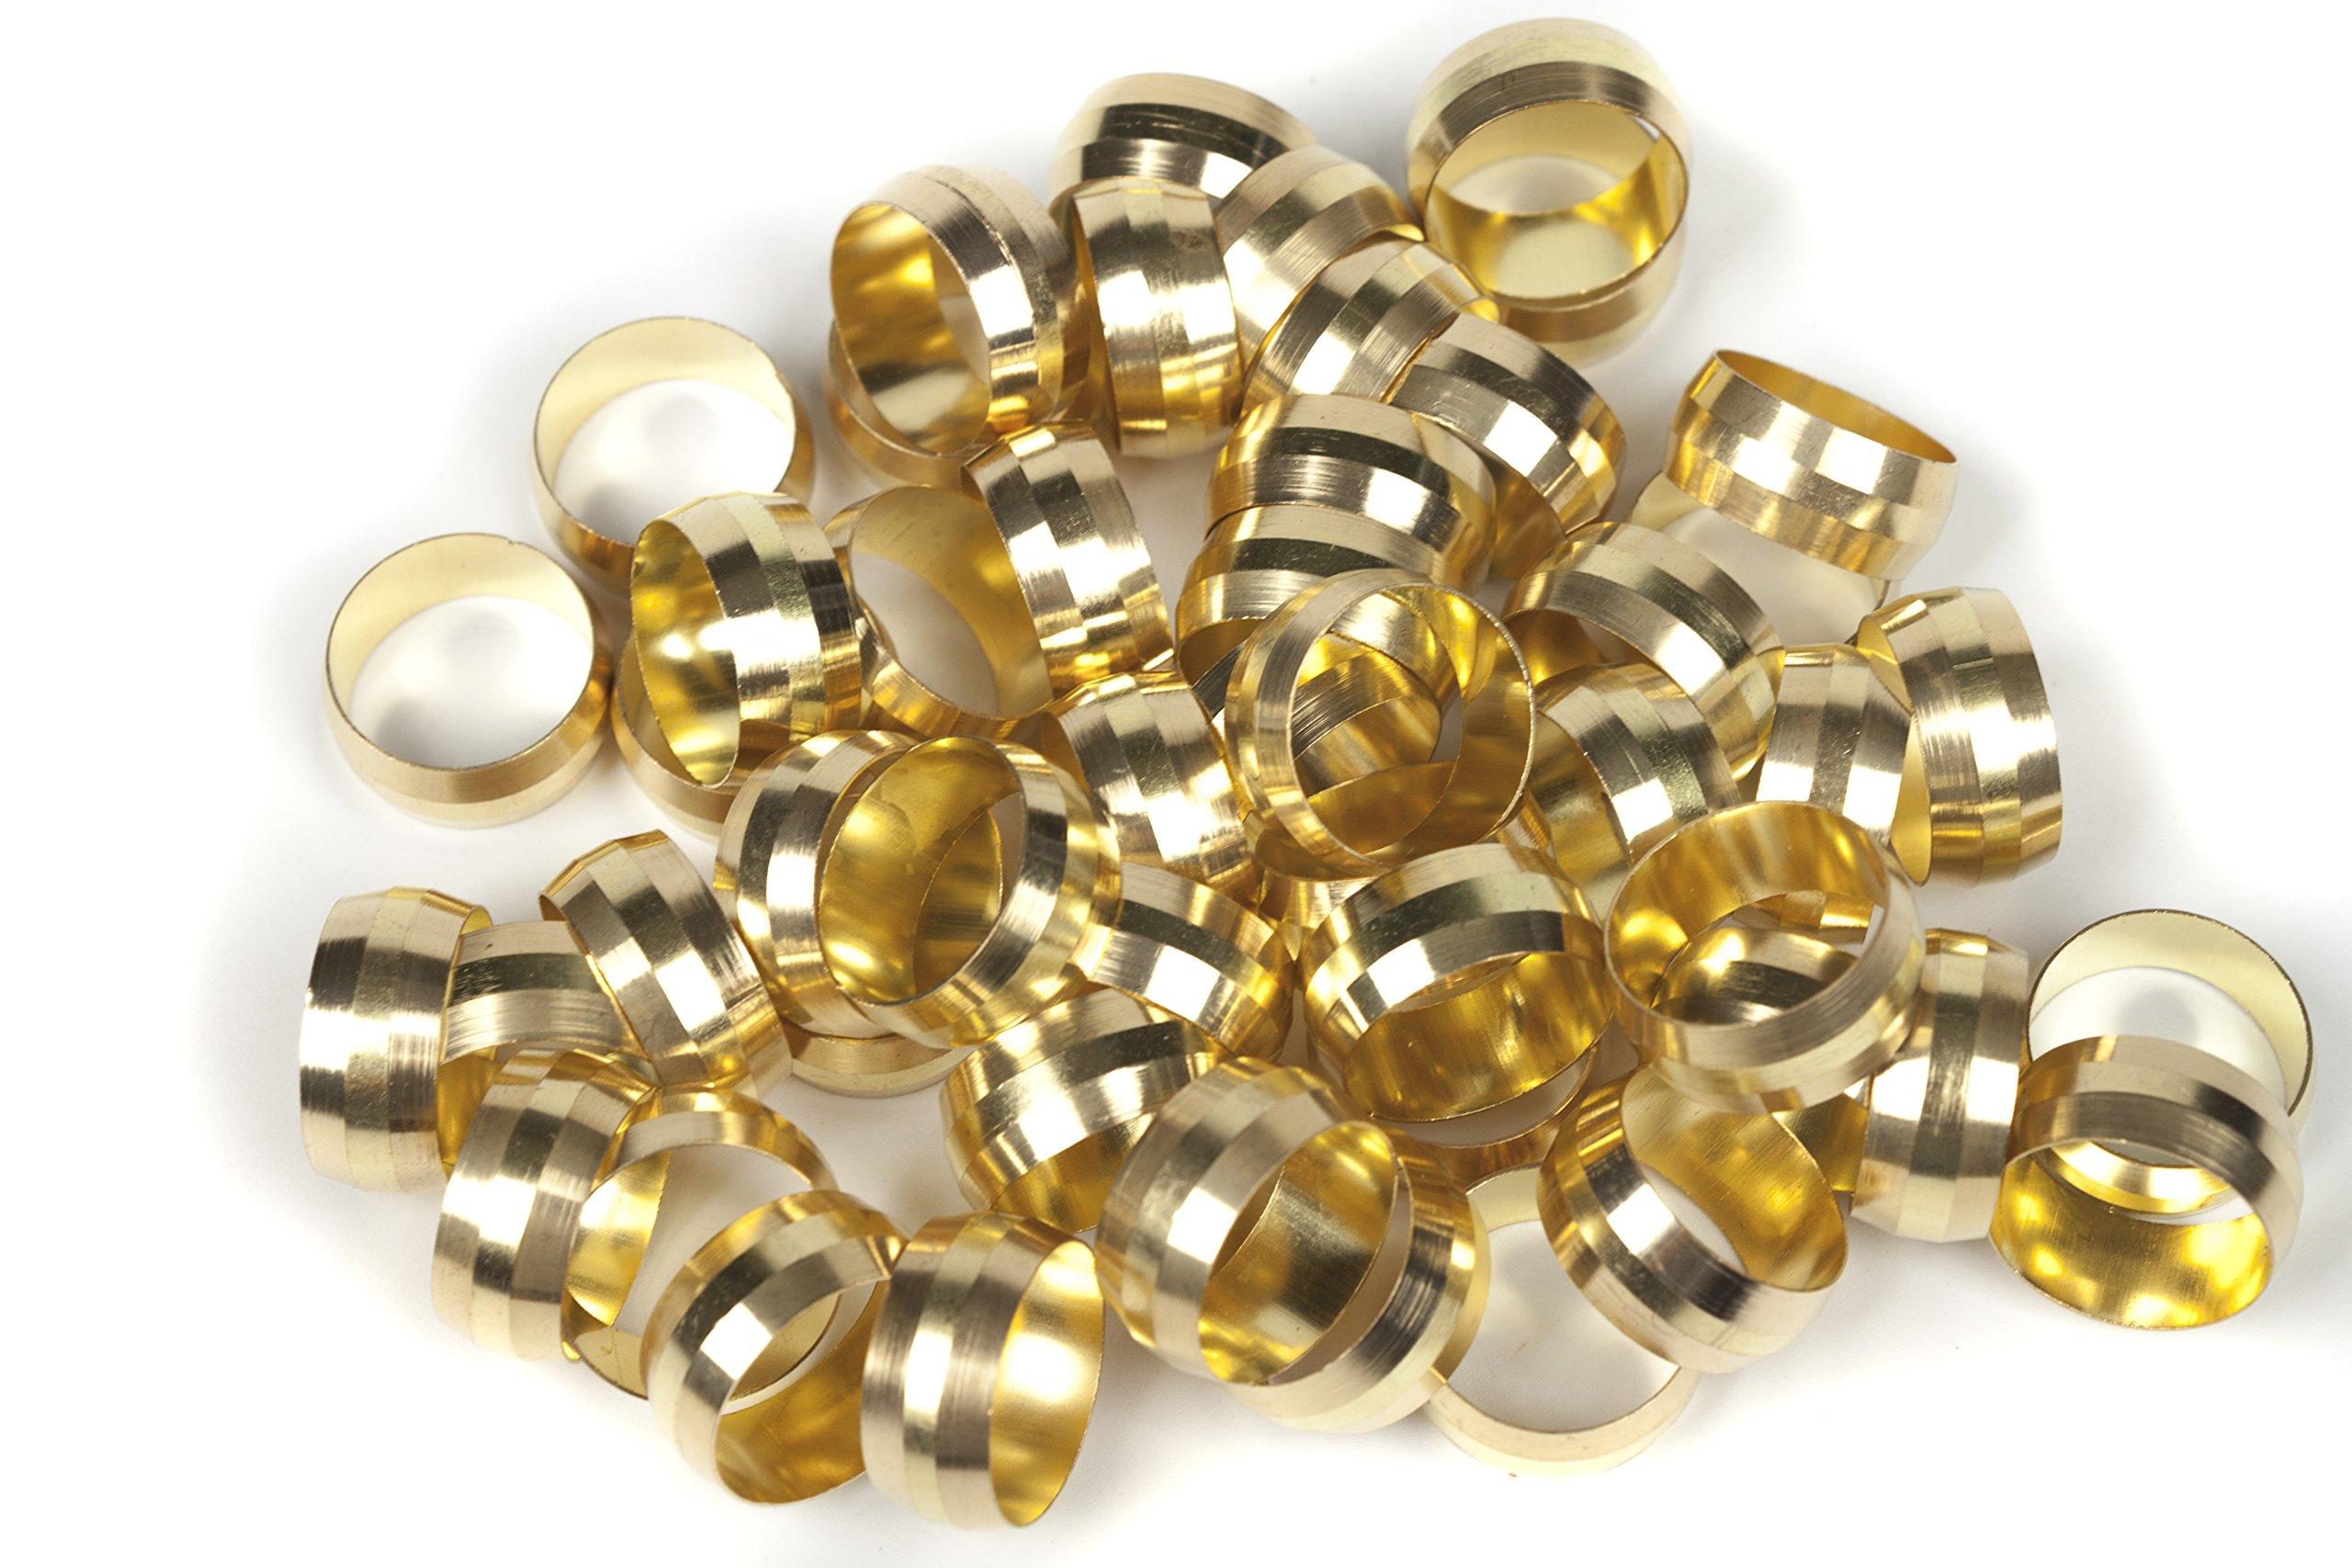 LTWFITTING 5/8'' Brass Compression Sleeves Ferrels ,BRASS COMPRESSION FITTING(Pack of 50) by LTWFITTING (Image #2)